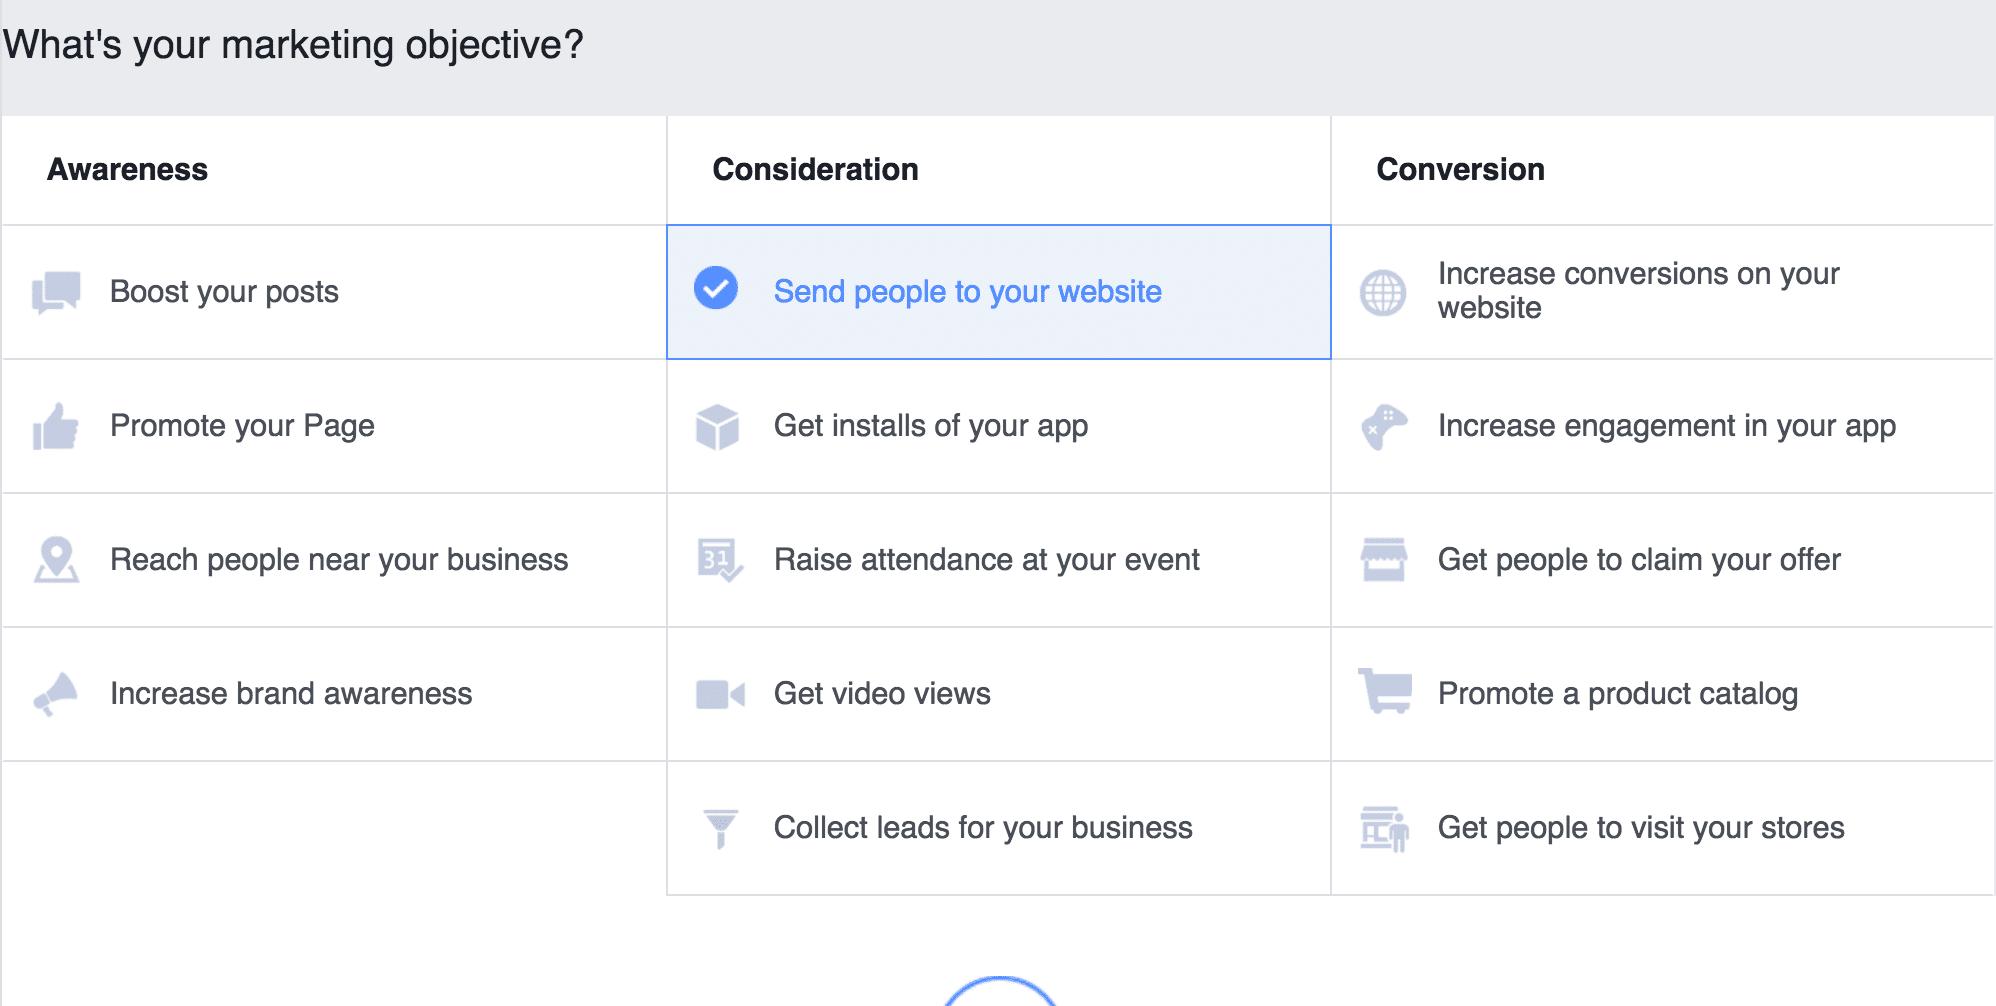 פרסום בפייסבוק – המדריך לקמפיין ממומן בפייסבוק חלק ראשון